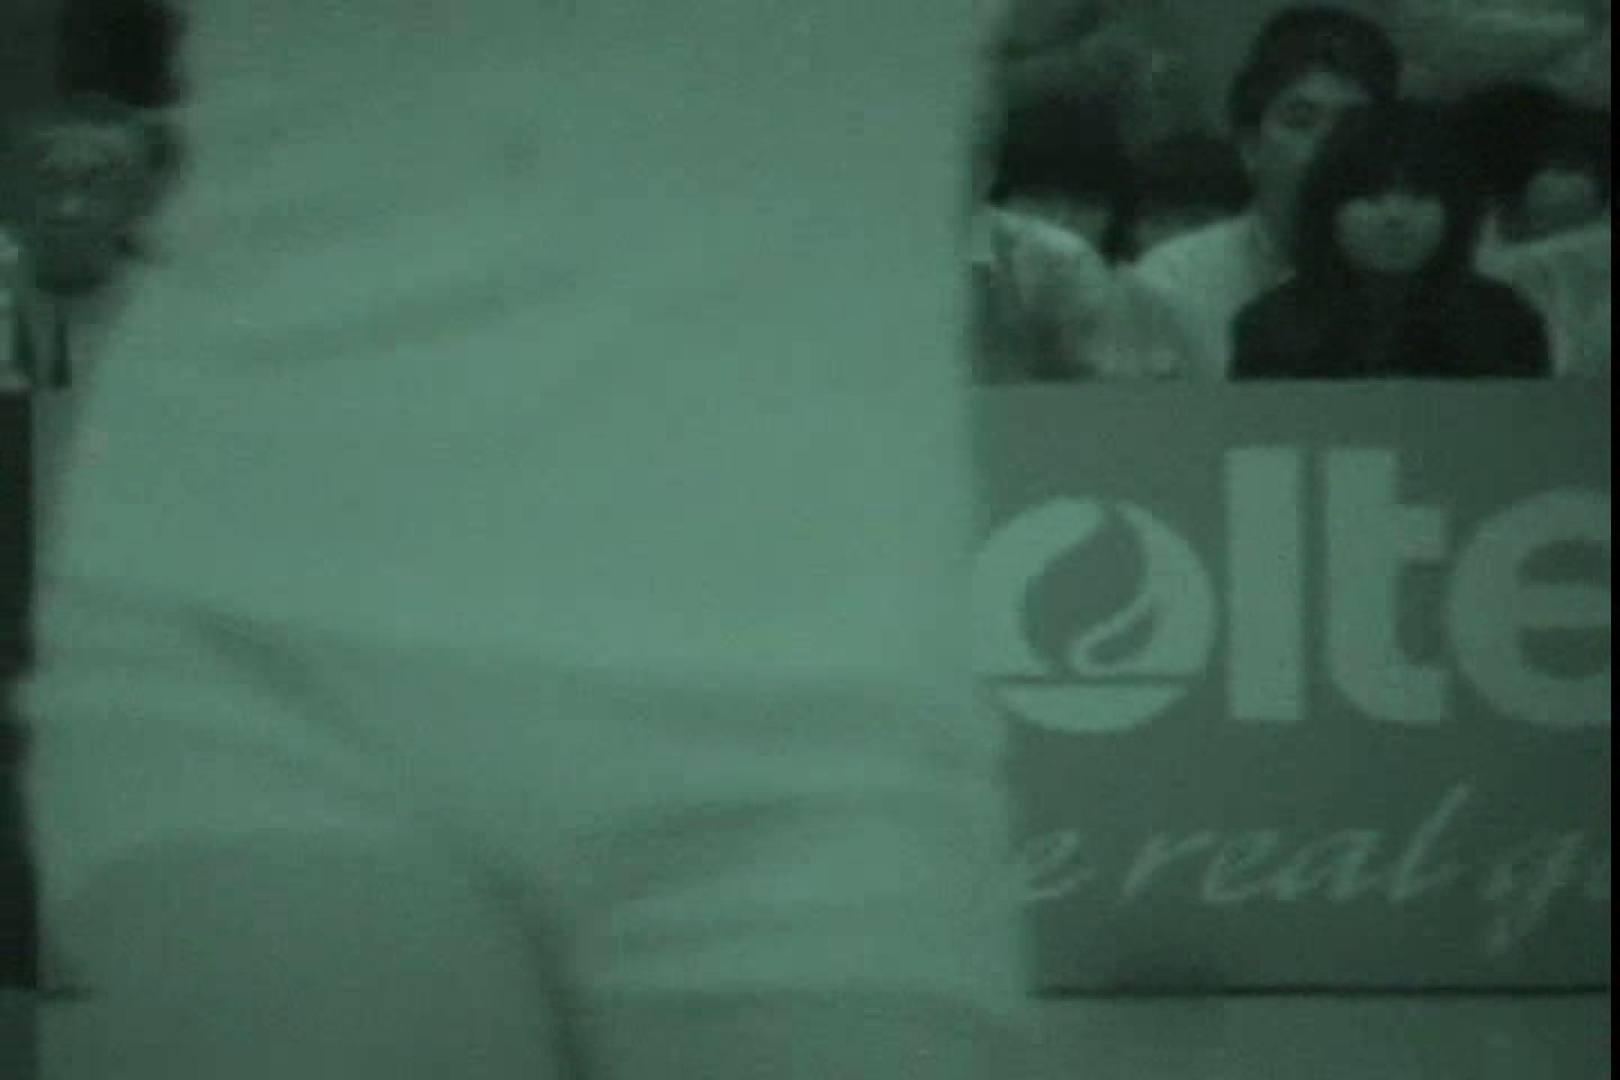 赤外線ムレスケバレー(汗) vol.09 パンツ 盗み撮りSEX無修正画像 92連発 67